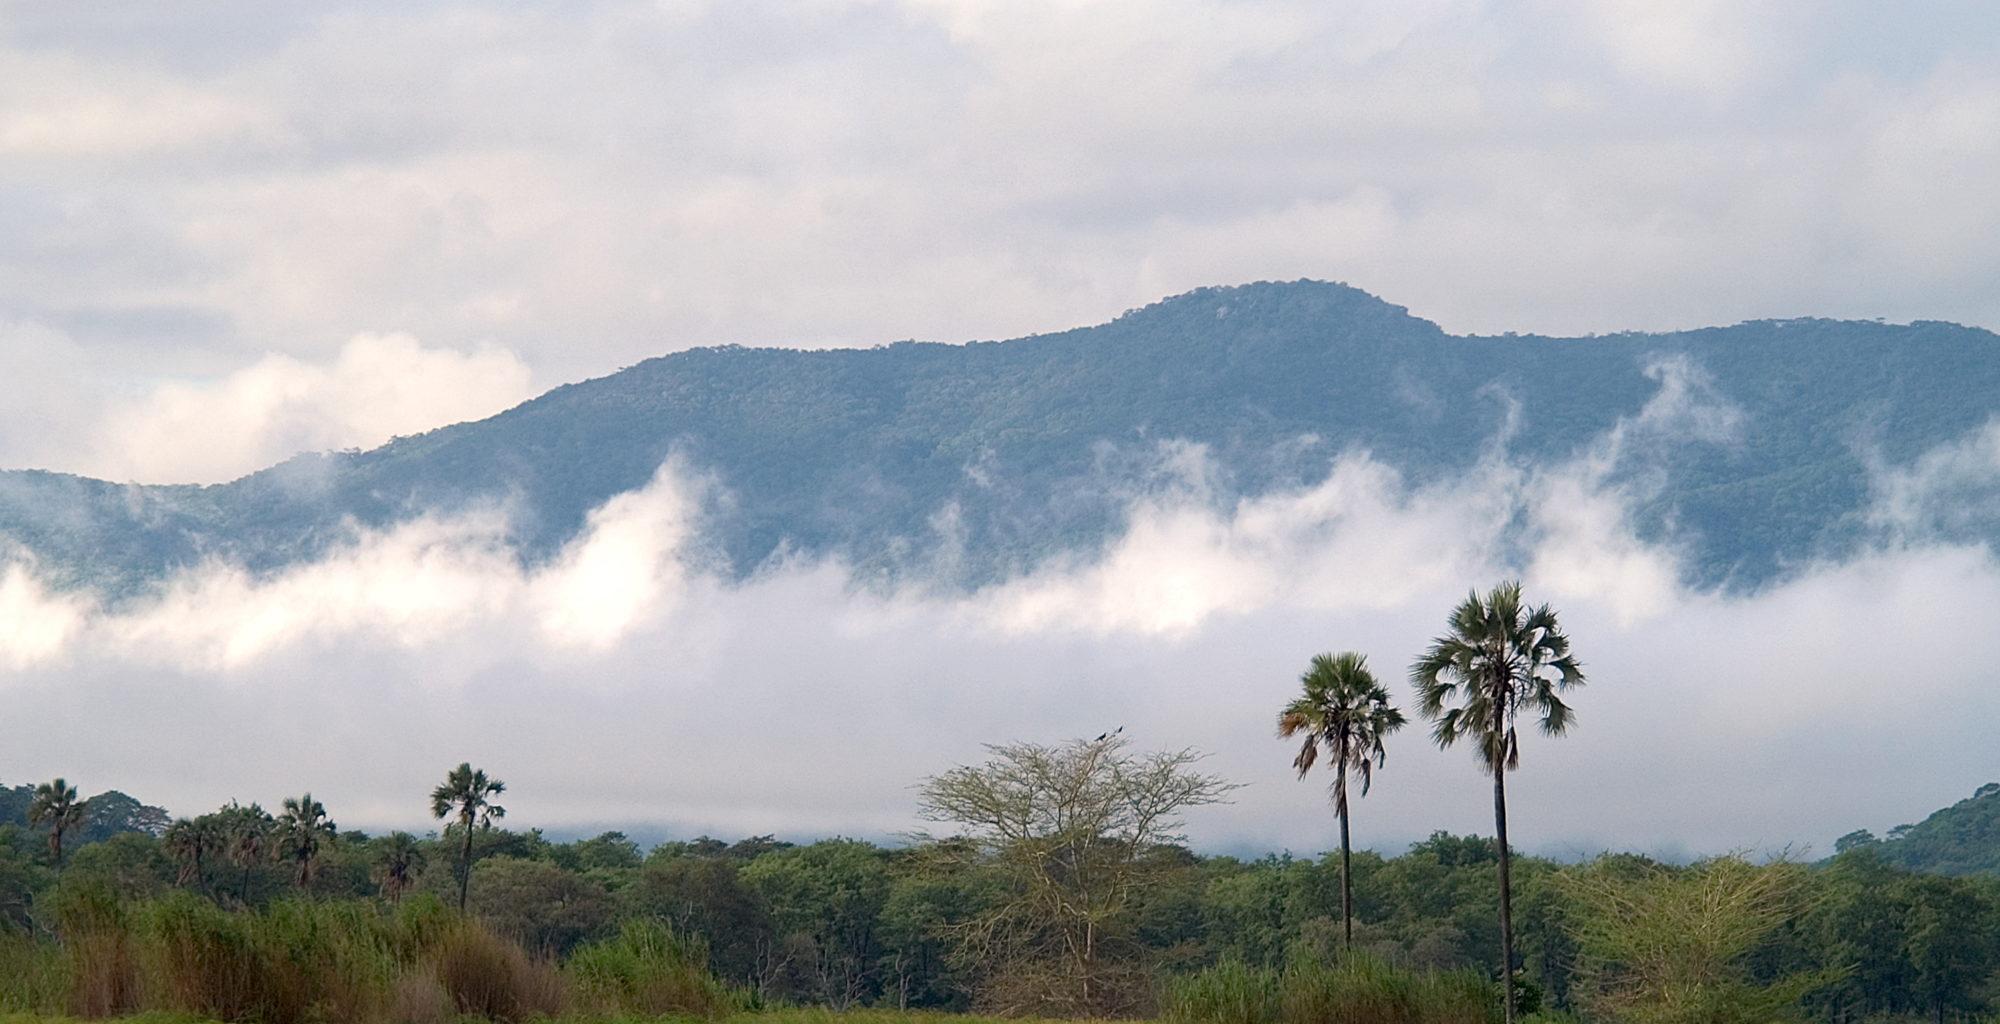 Malawi-Liwonde-National-Park-Landscape